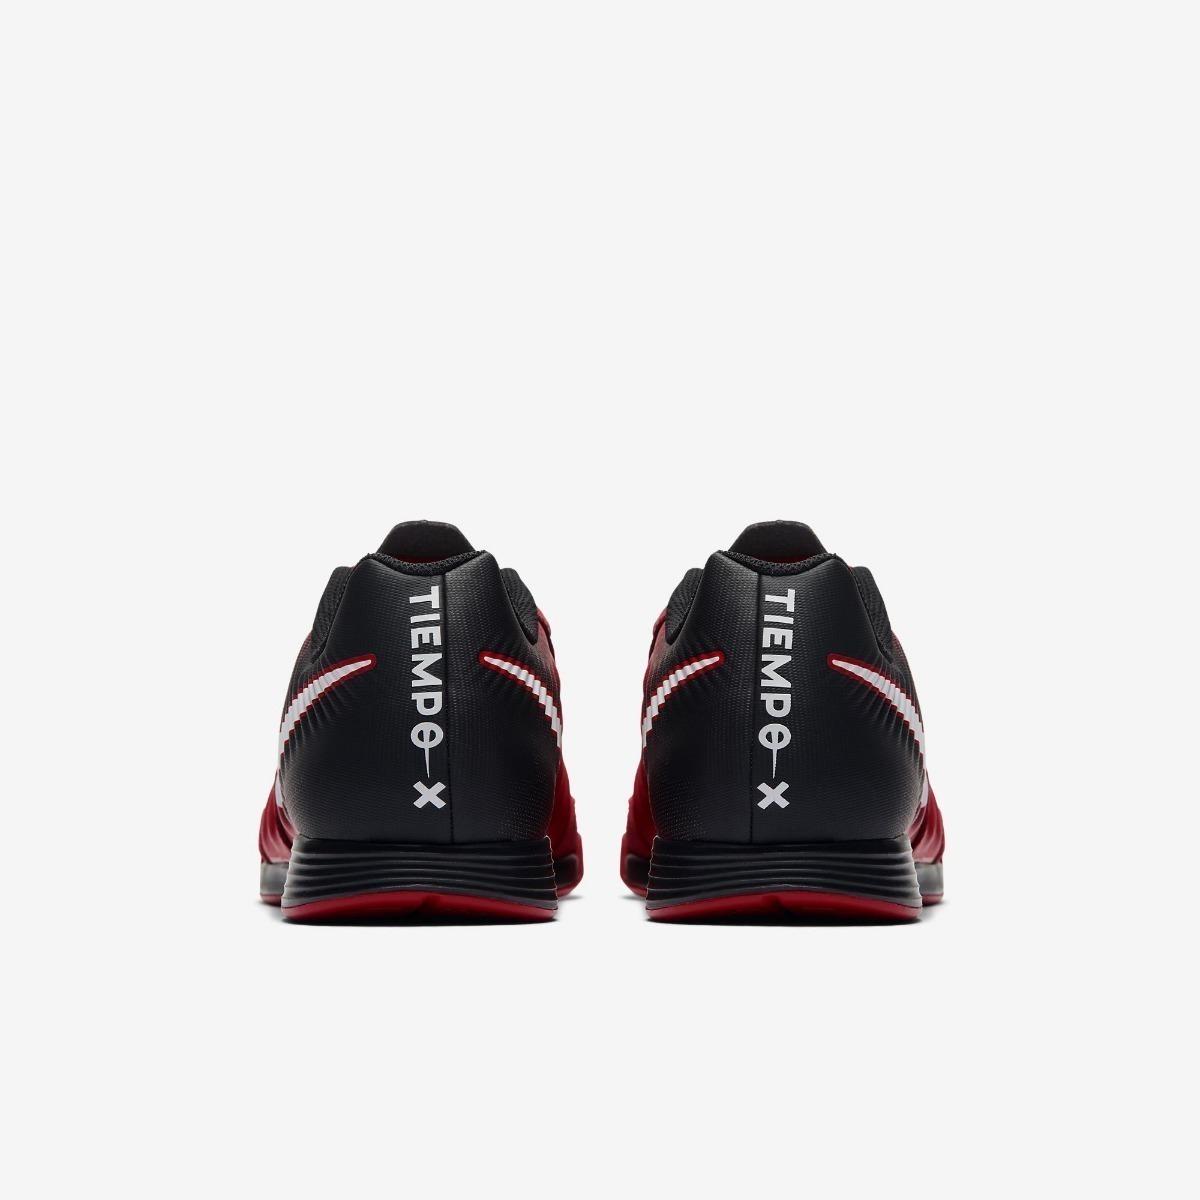 Chuteira Nike Tiempox Ligera Iv 4 Ic - Futsal - Original - R  299 48f266162d1dc